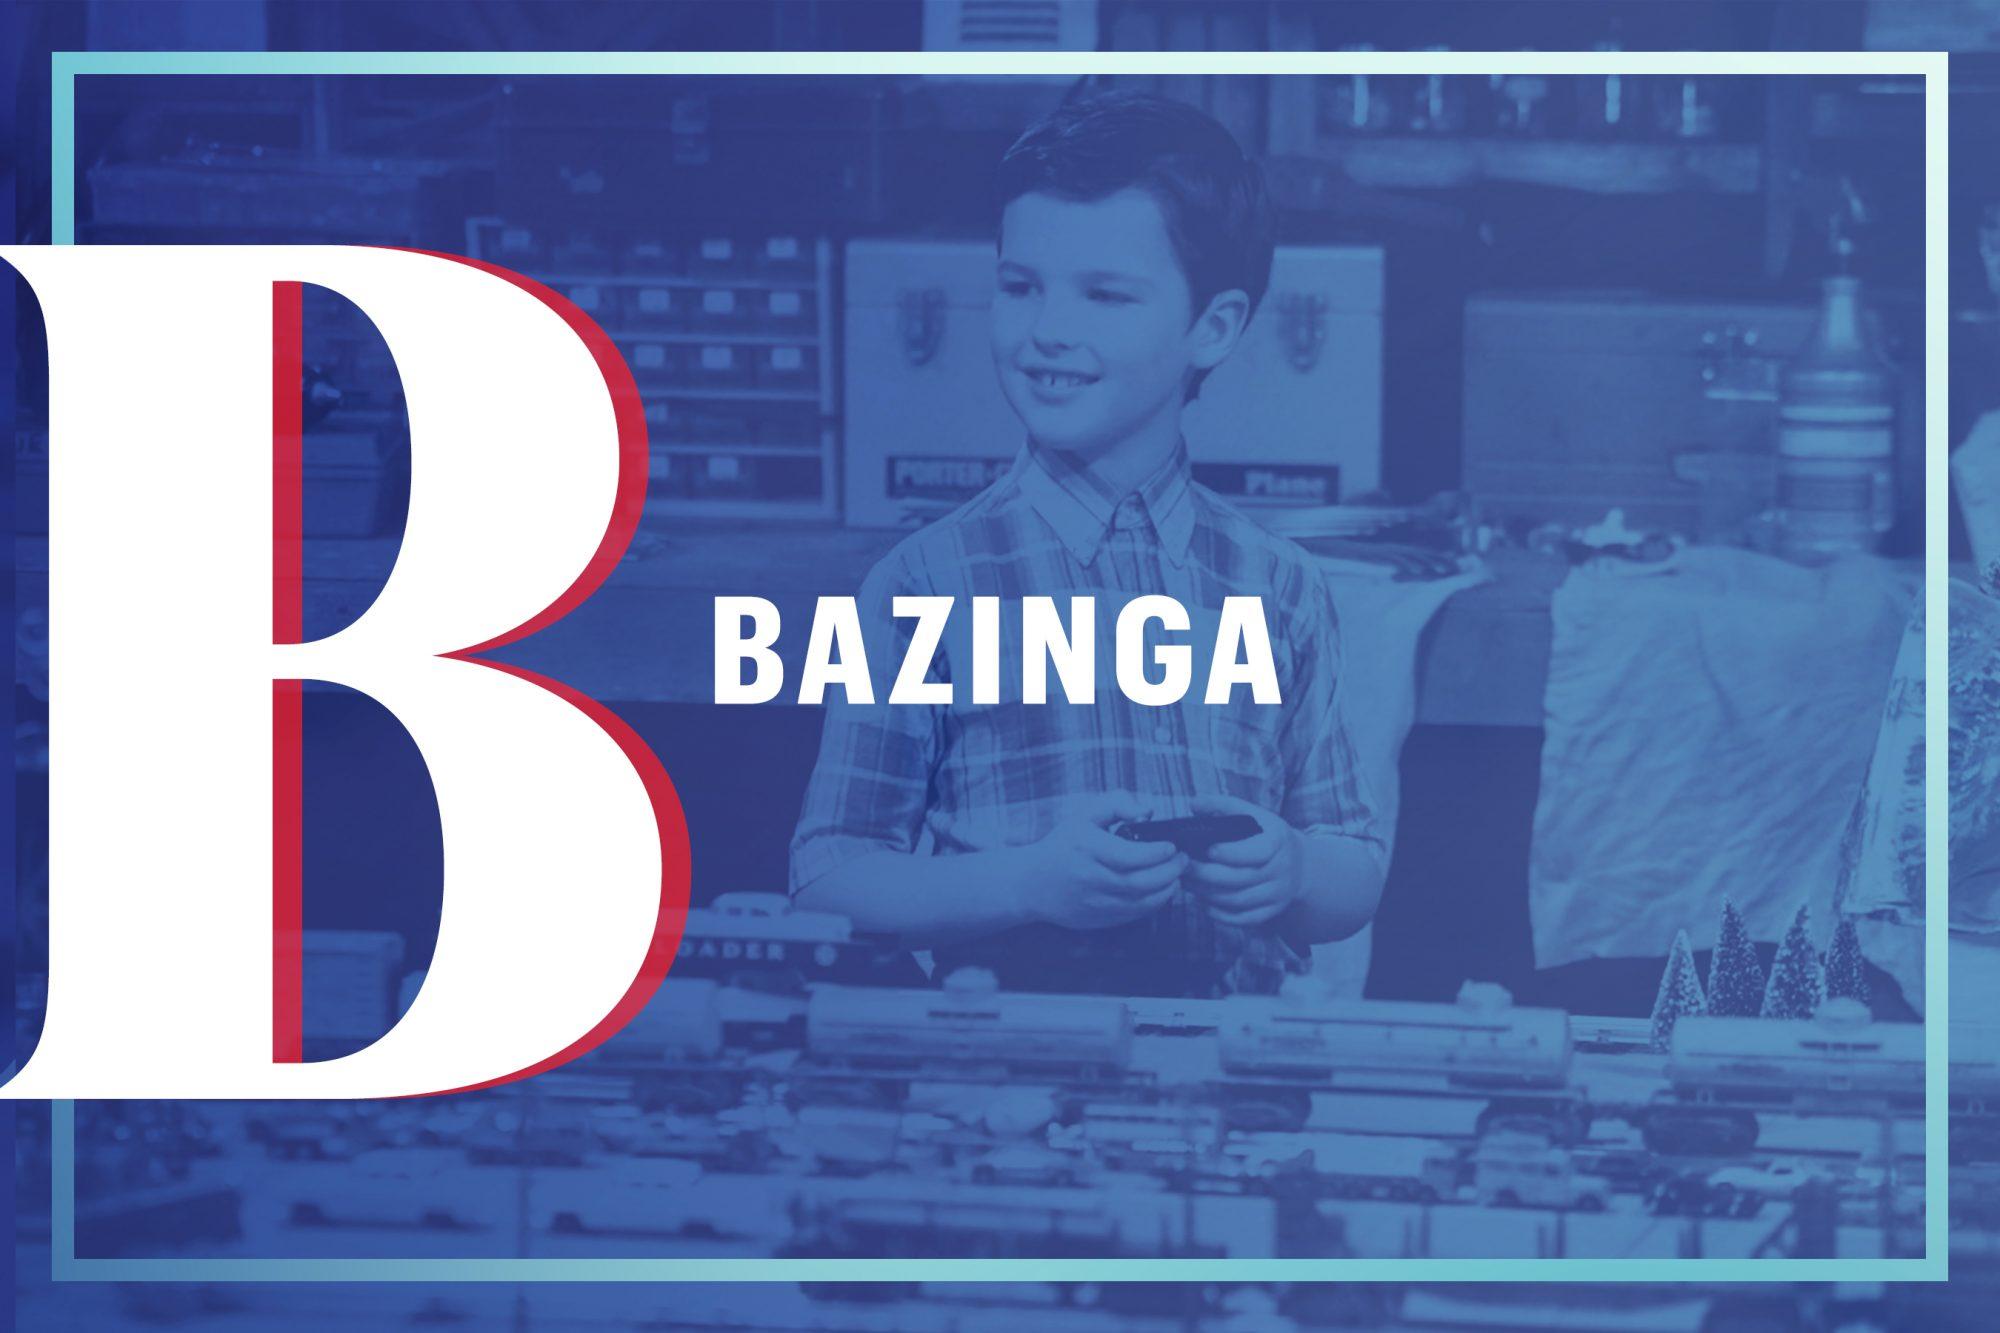 Big Bang Theory A to Z